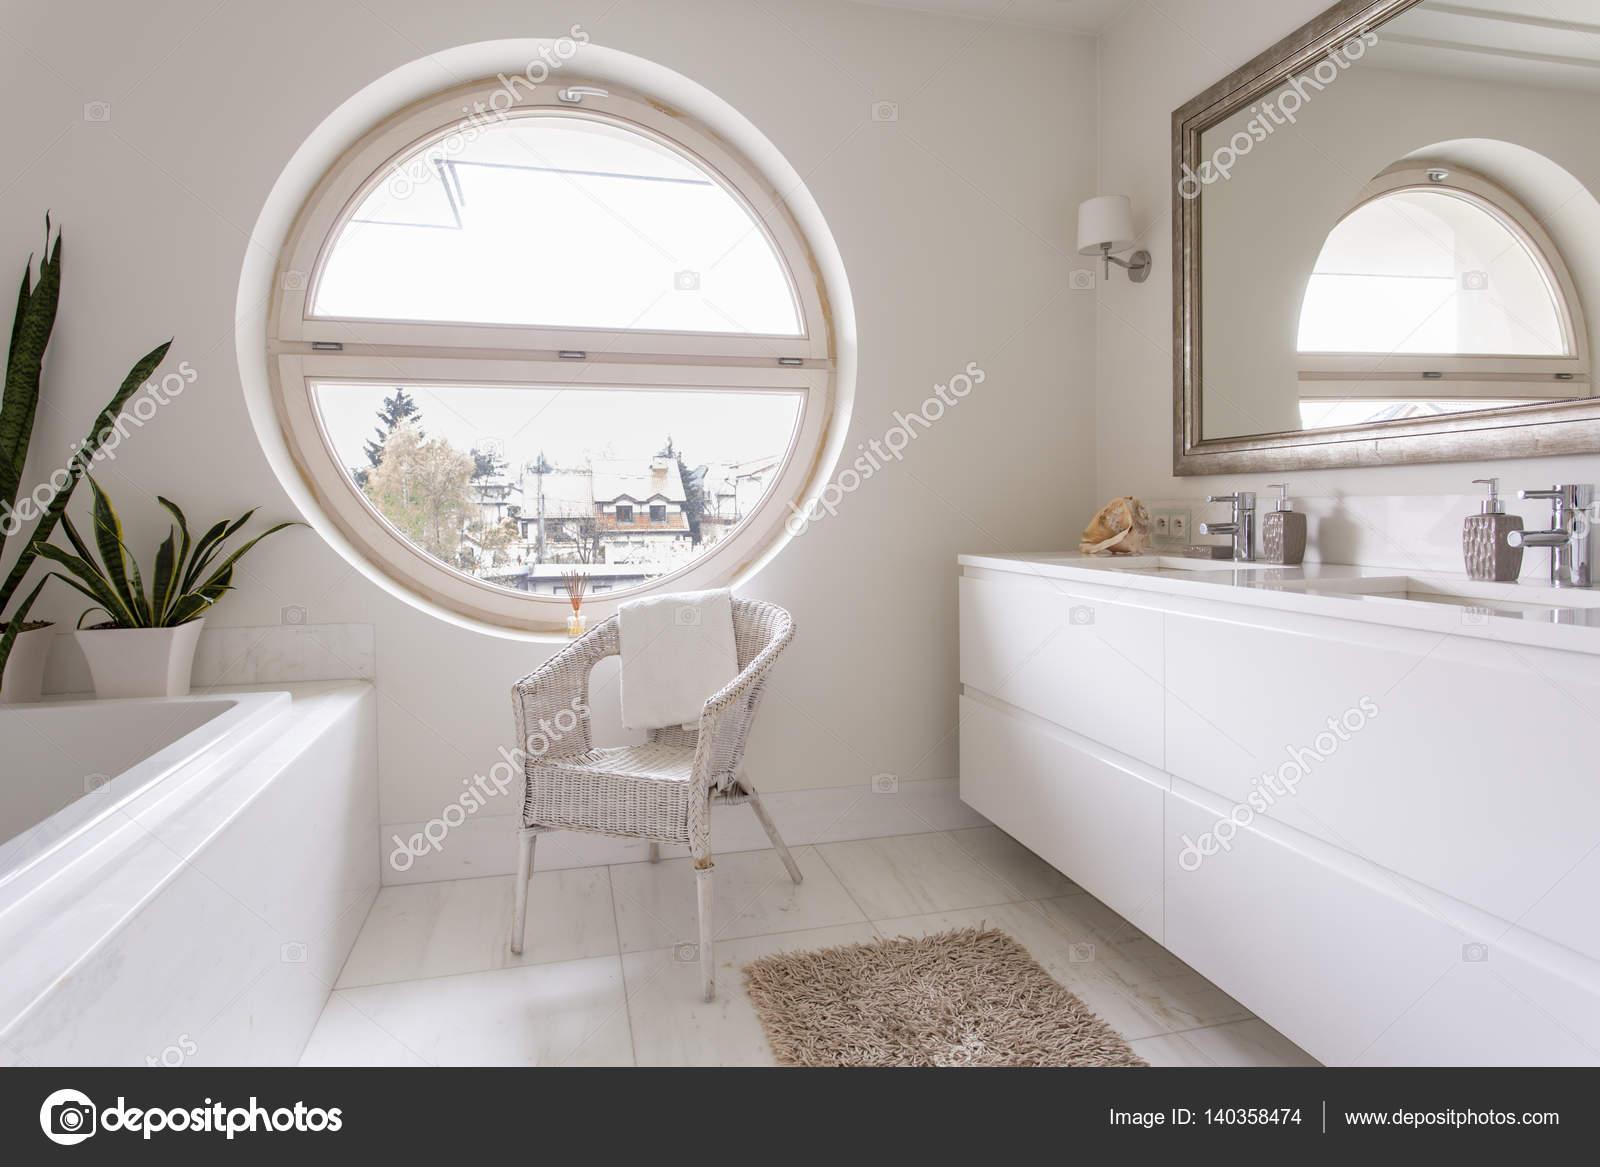 Salle de bain blanc avec grande fenêtre ronde — Photographie ...